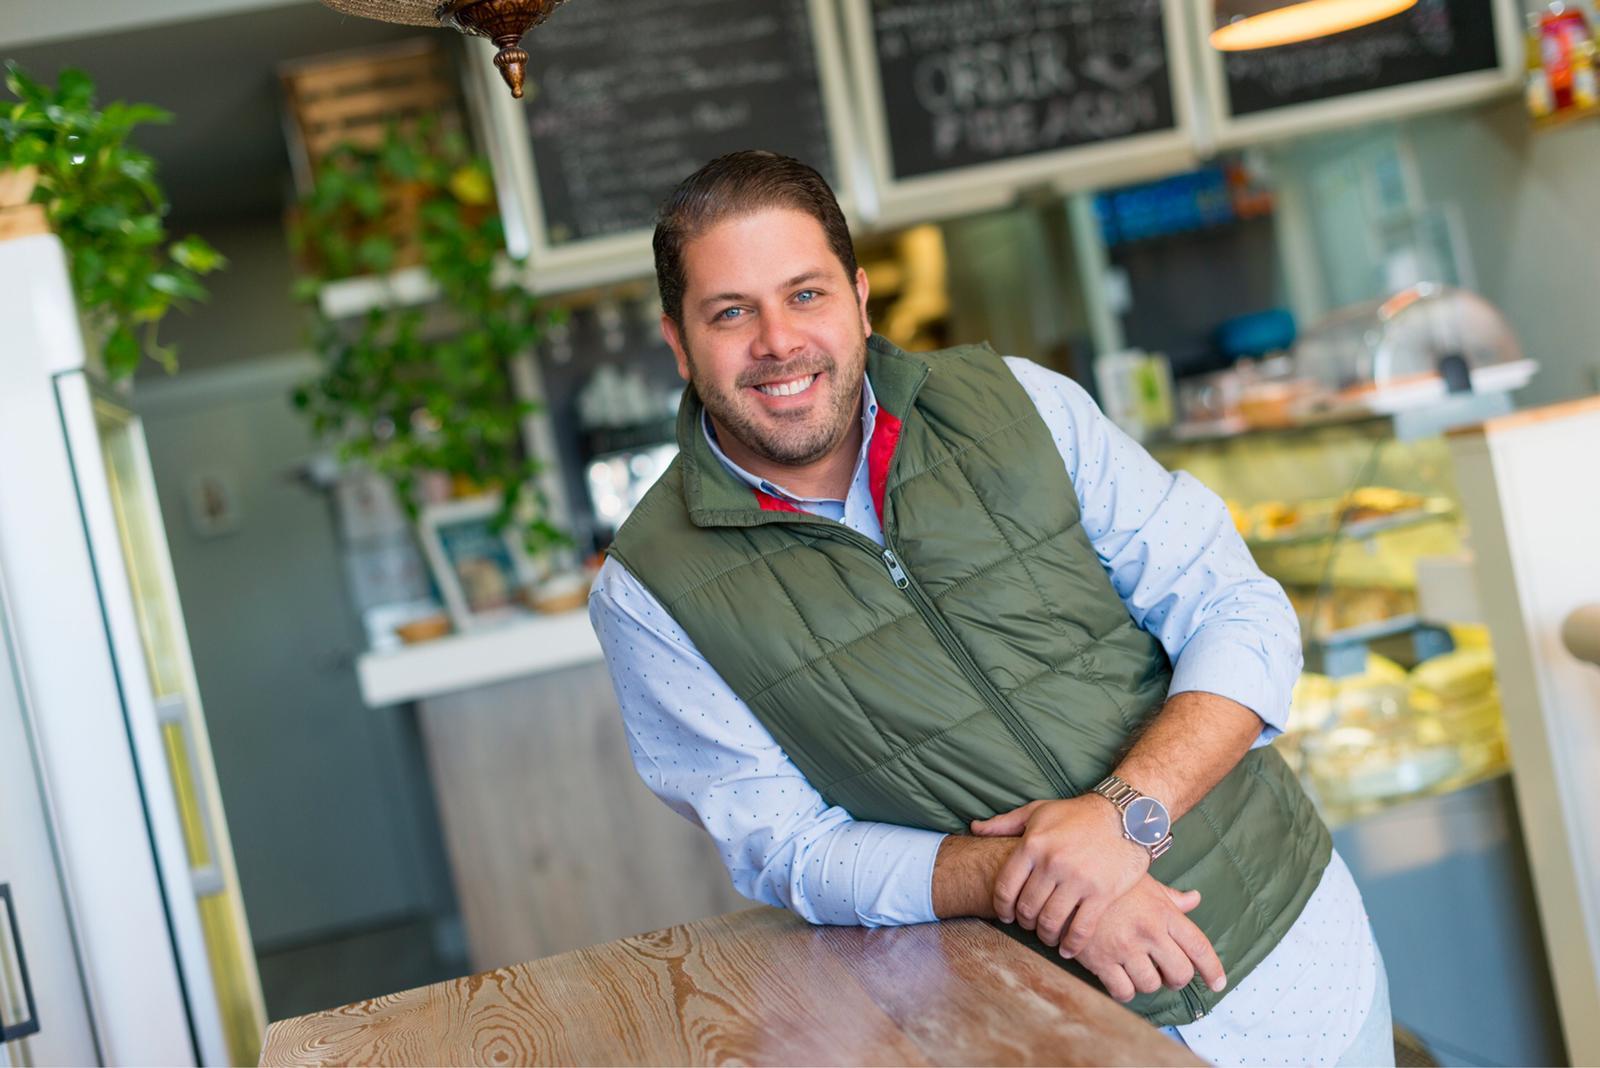 Fernando Rodríguez ha sido el primer empresario en introducir comida venezolana en Carrefour / Foto: Antojos Araguaney.